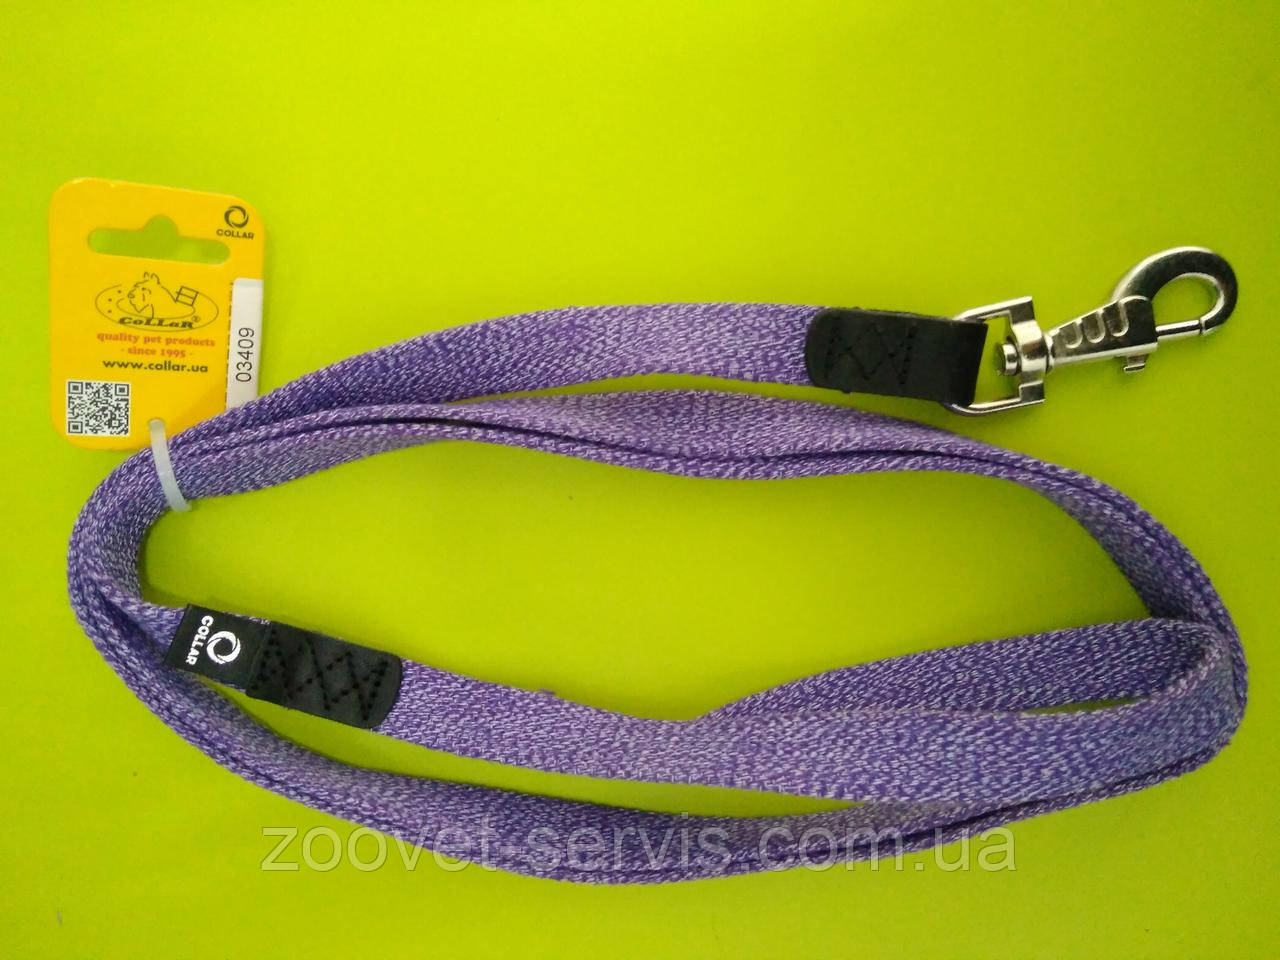 Поводок для собак Коллар  цветной брезентовый тесьма (ширина 20мм, длина 200см) 03409